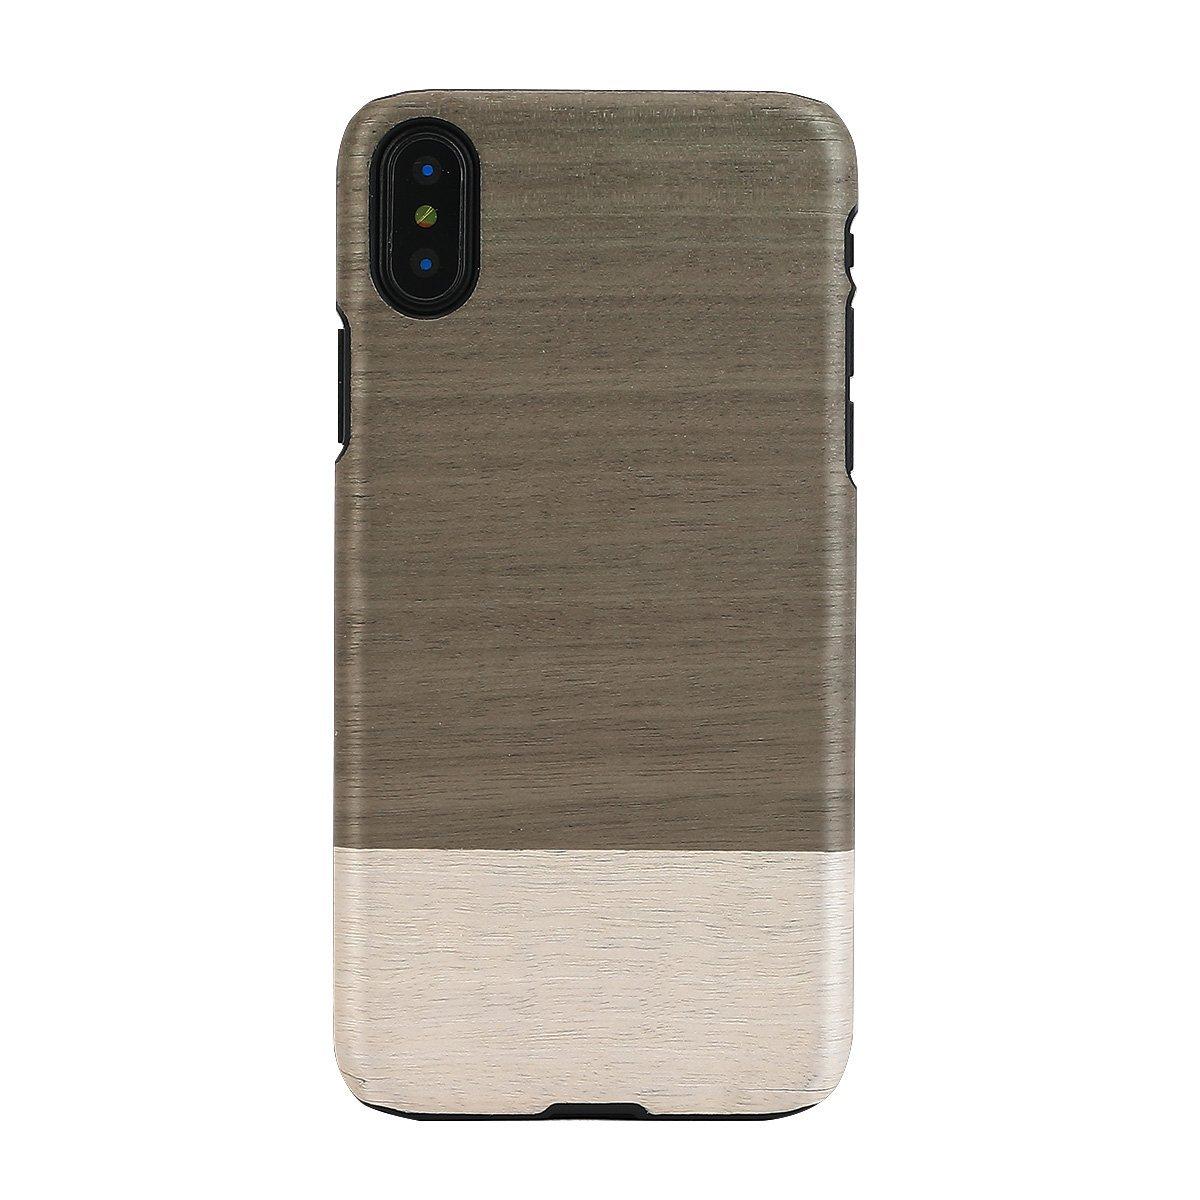 Woodman Điện thoại vỏ gỗ tự nhiên man&wood Iphone X Einstein Einstein (マ điều thất điều ước chừn